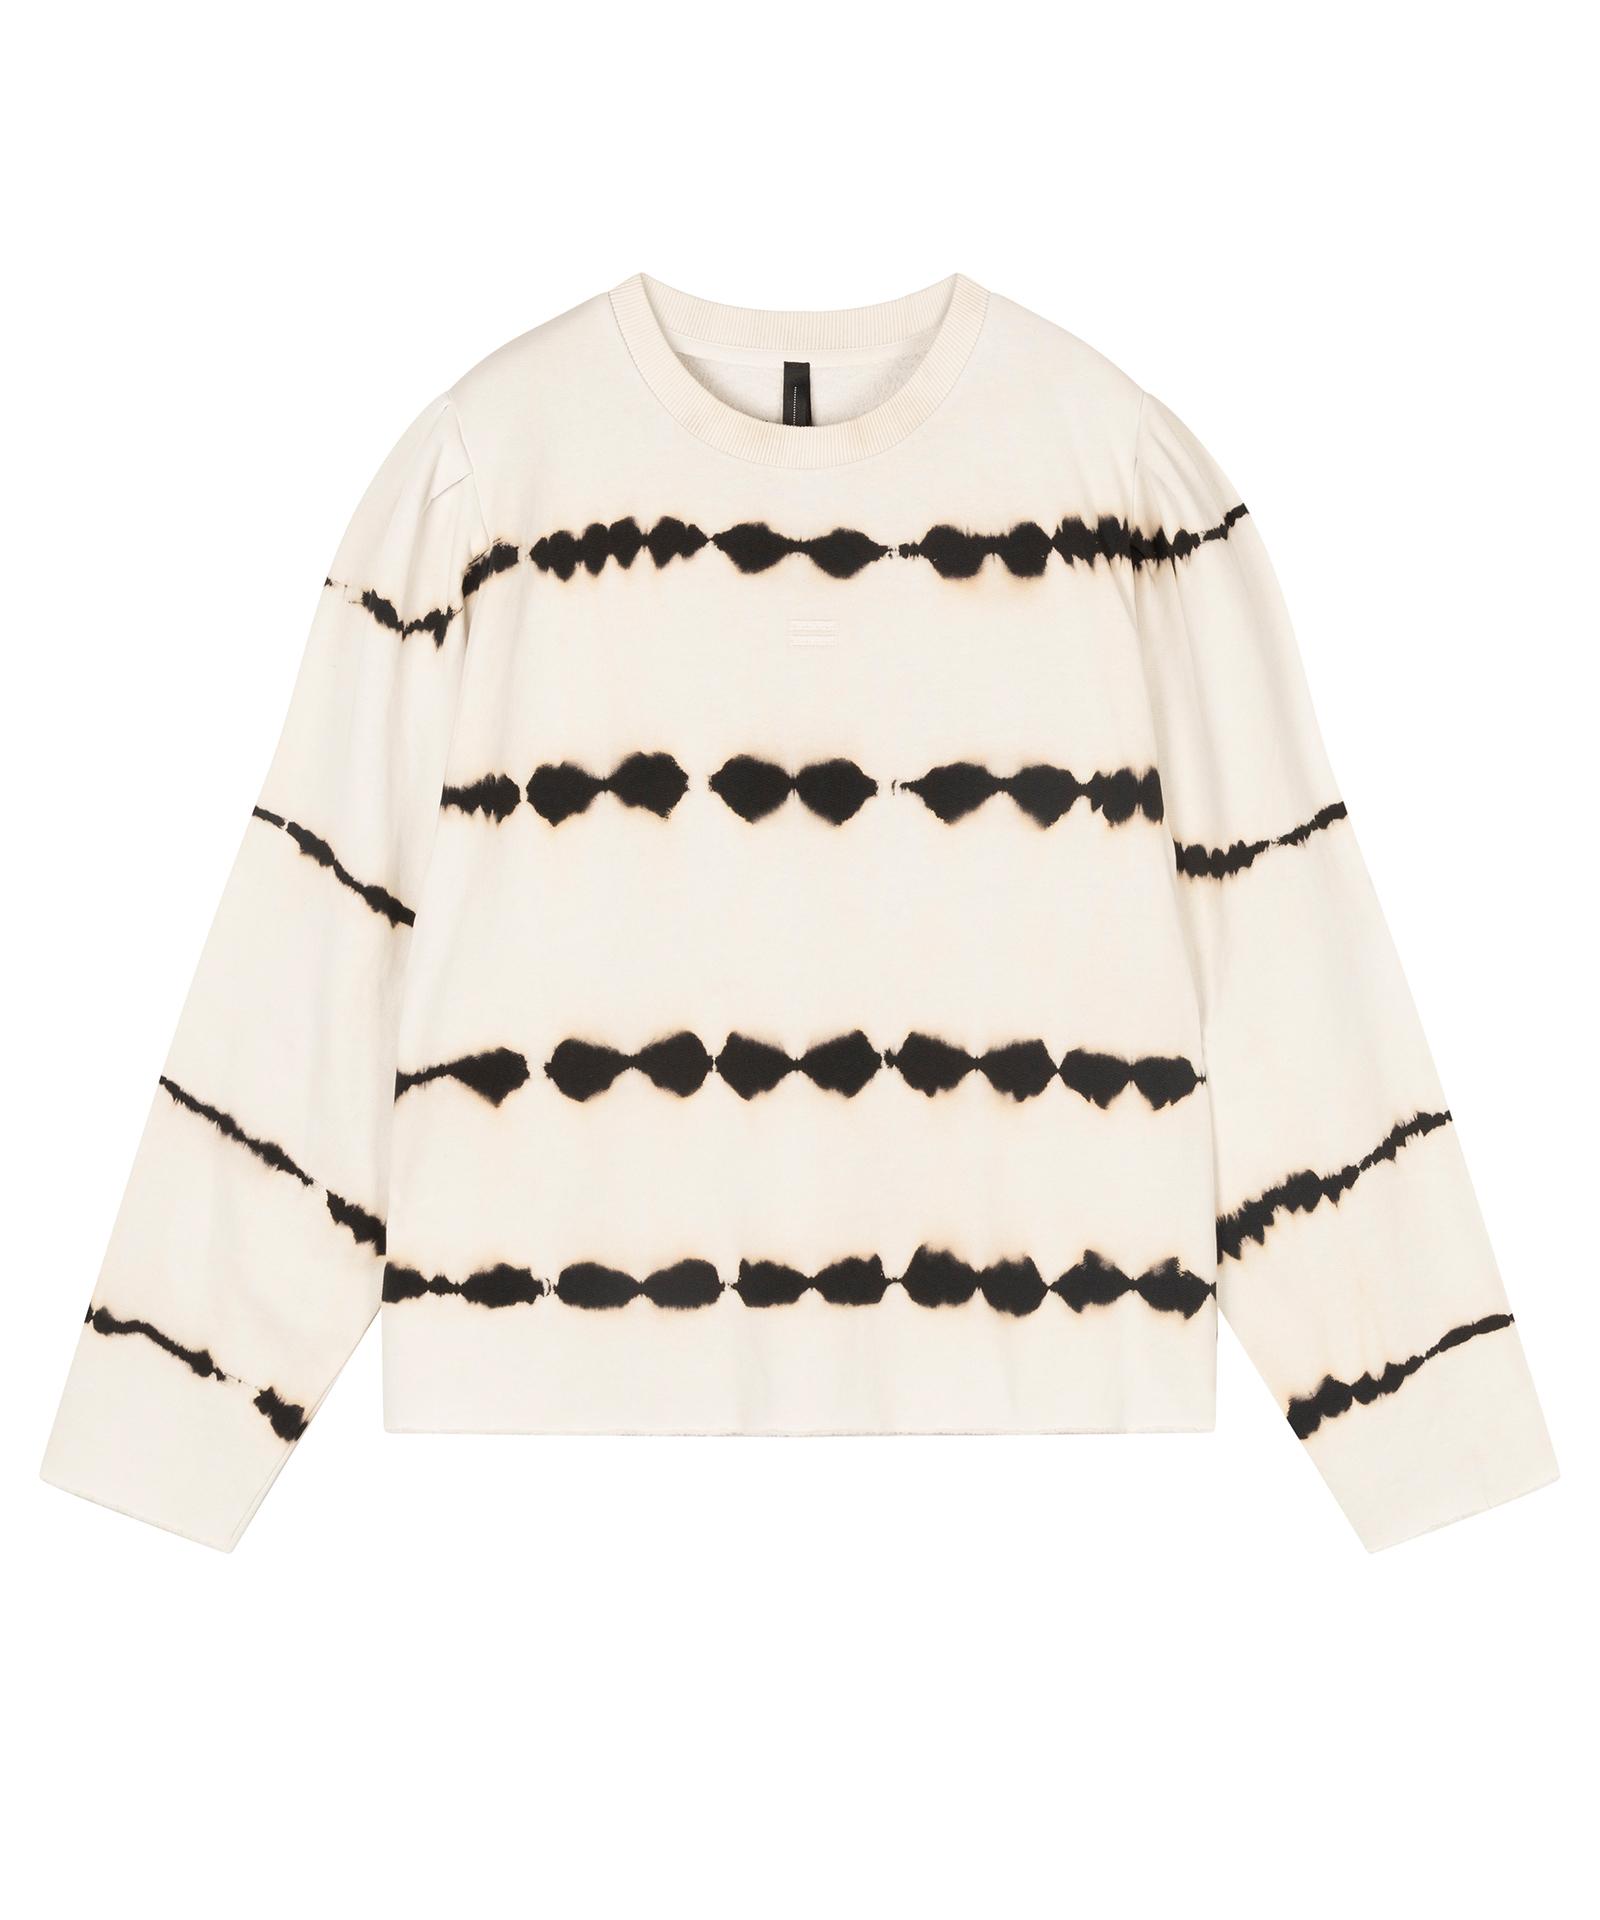 Butterfly Sweater Tie Dye - Silver white